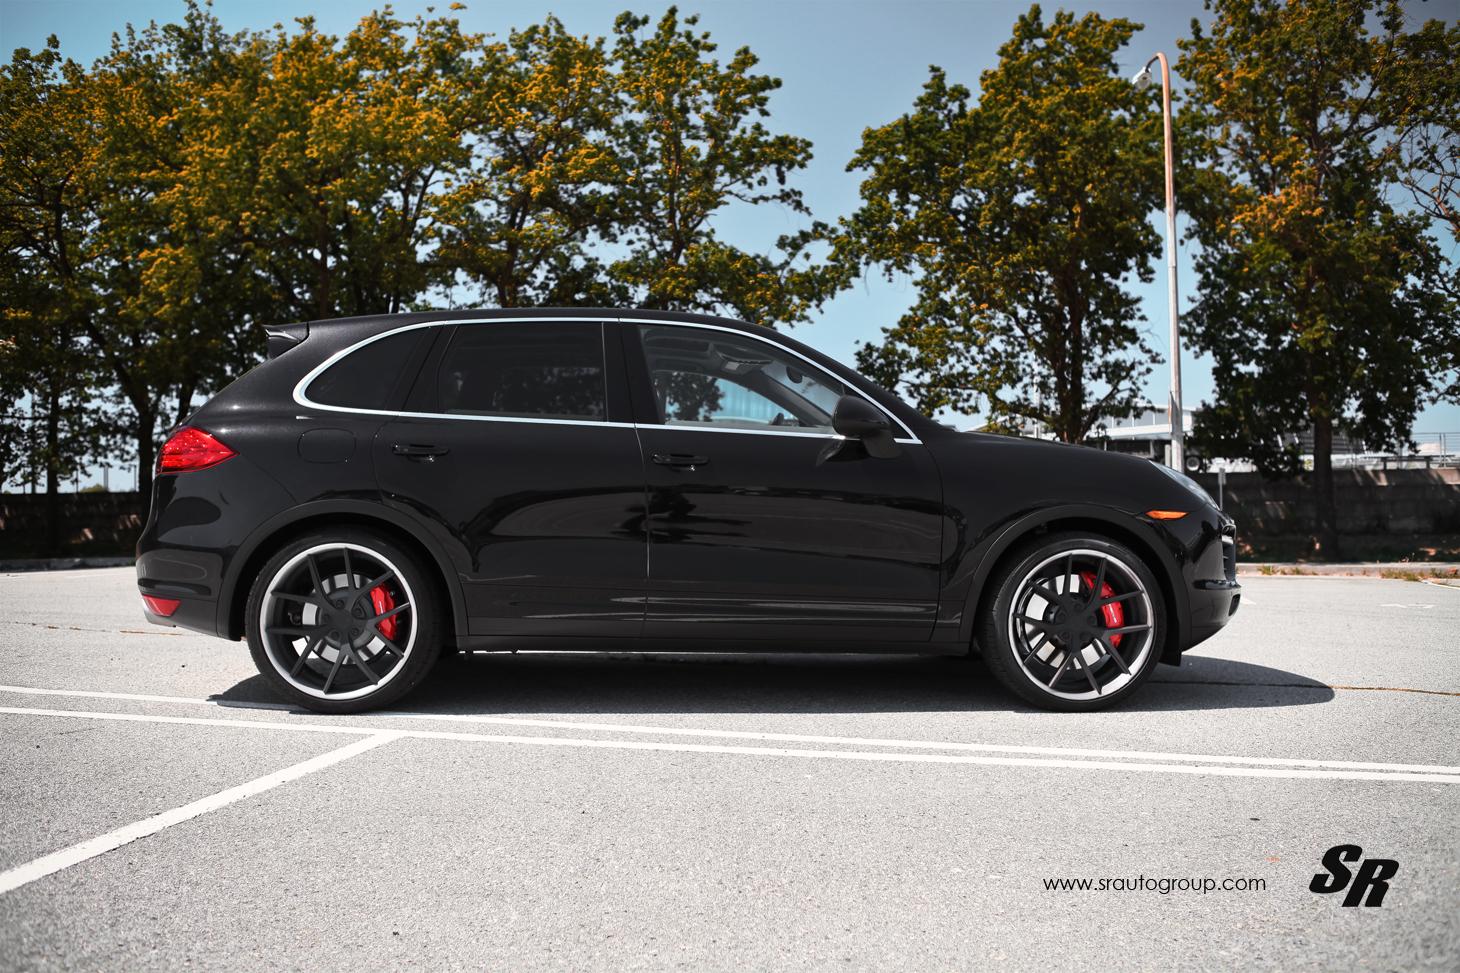 Sr Auto Porsche Cayenne With Pur Wheels